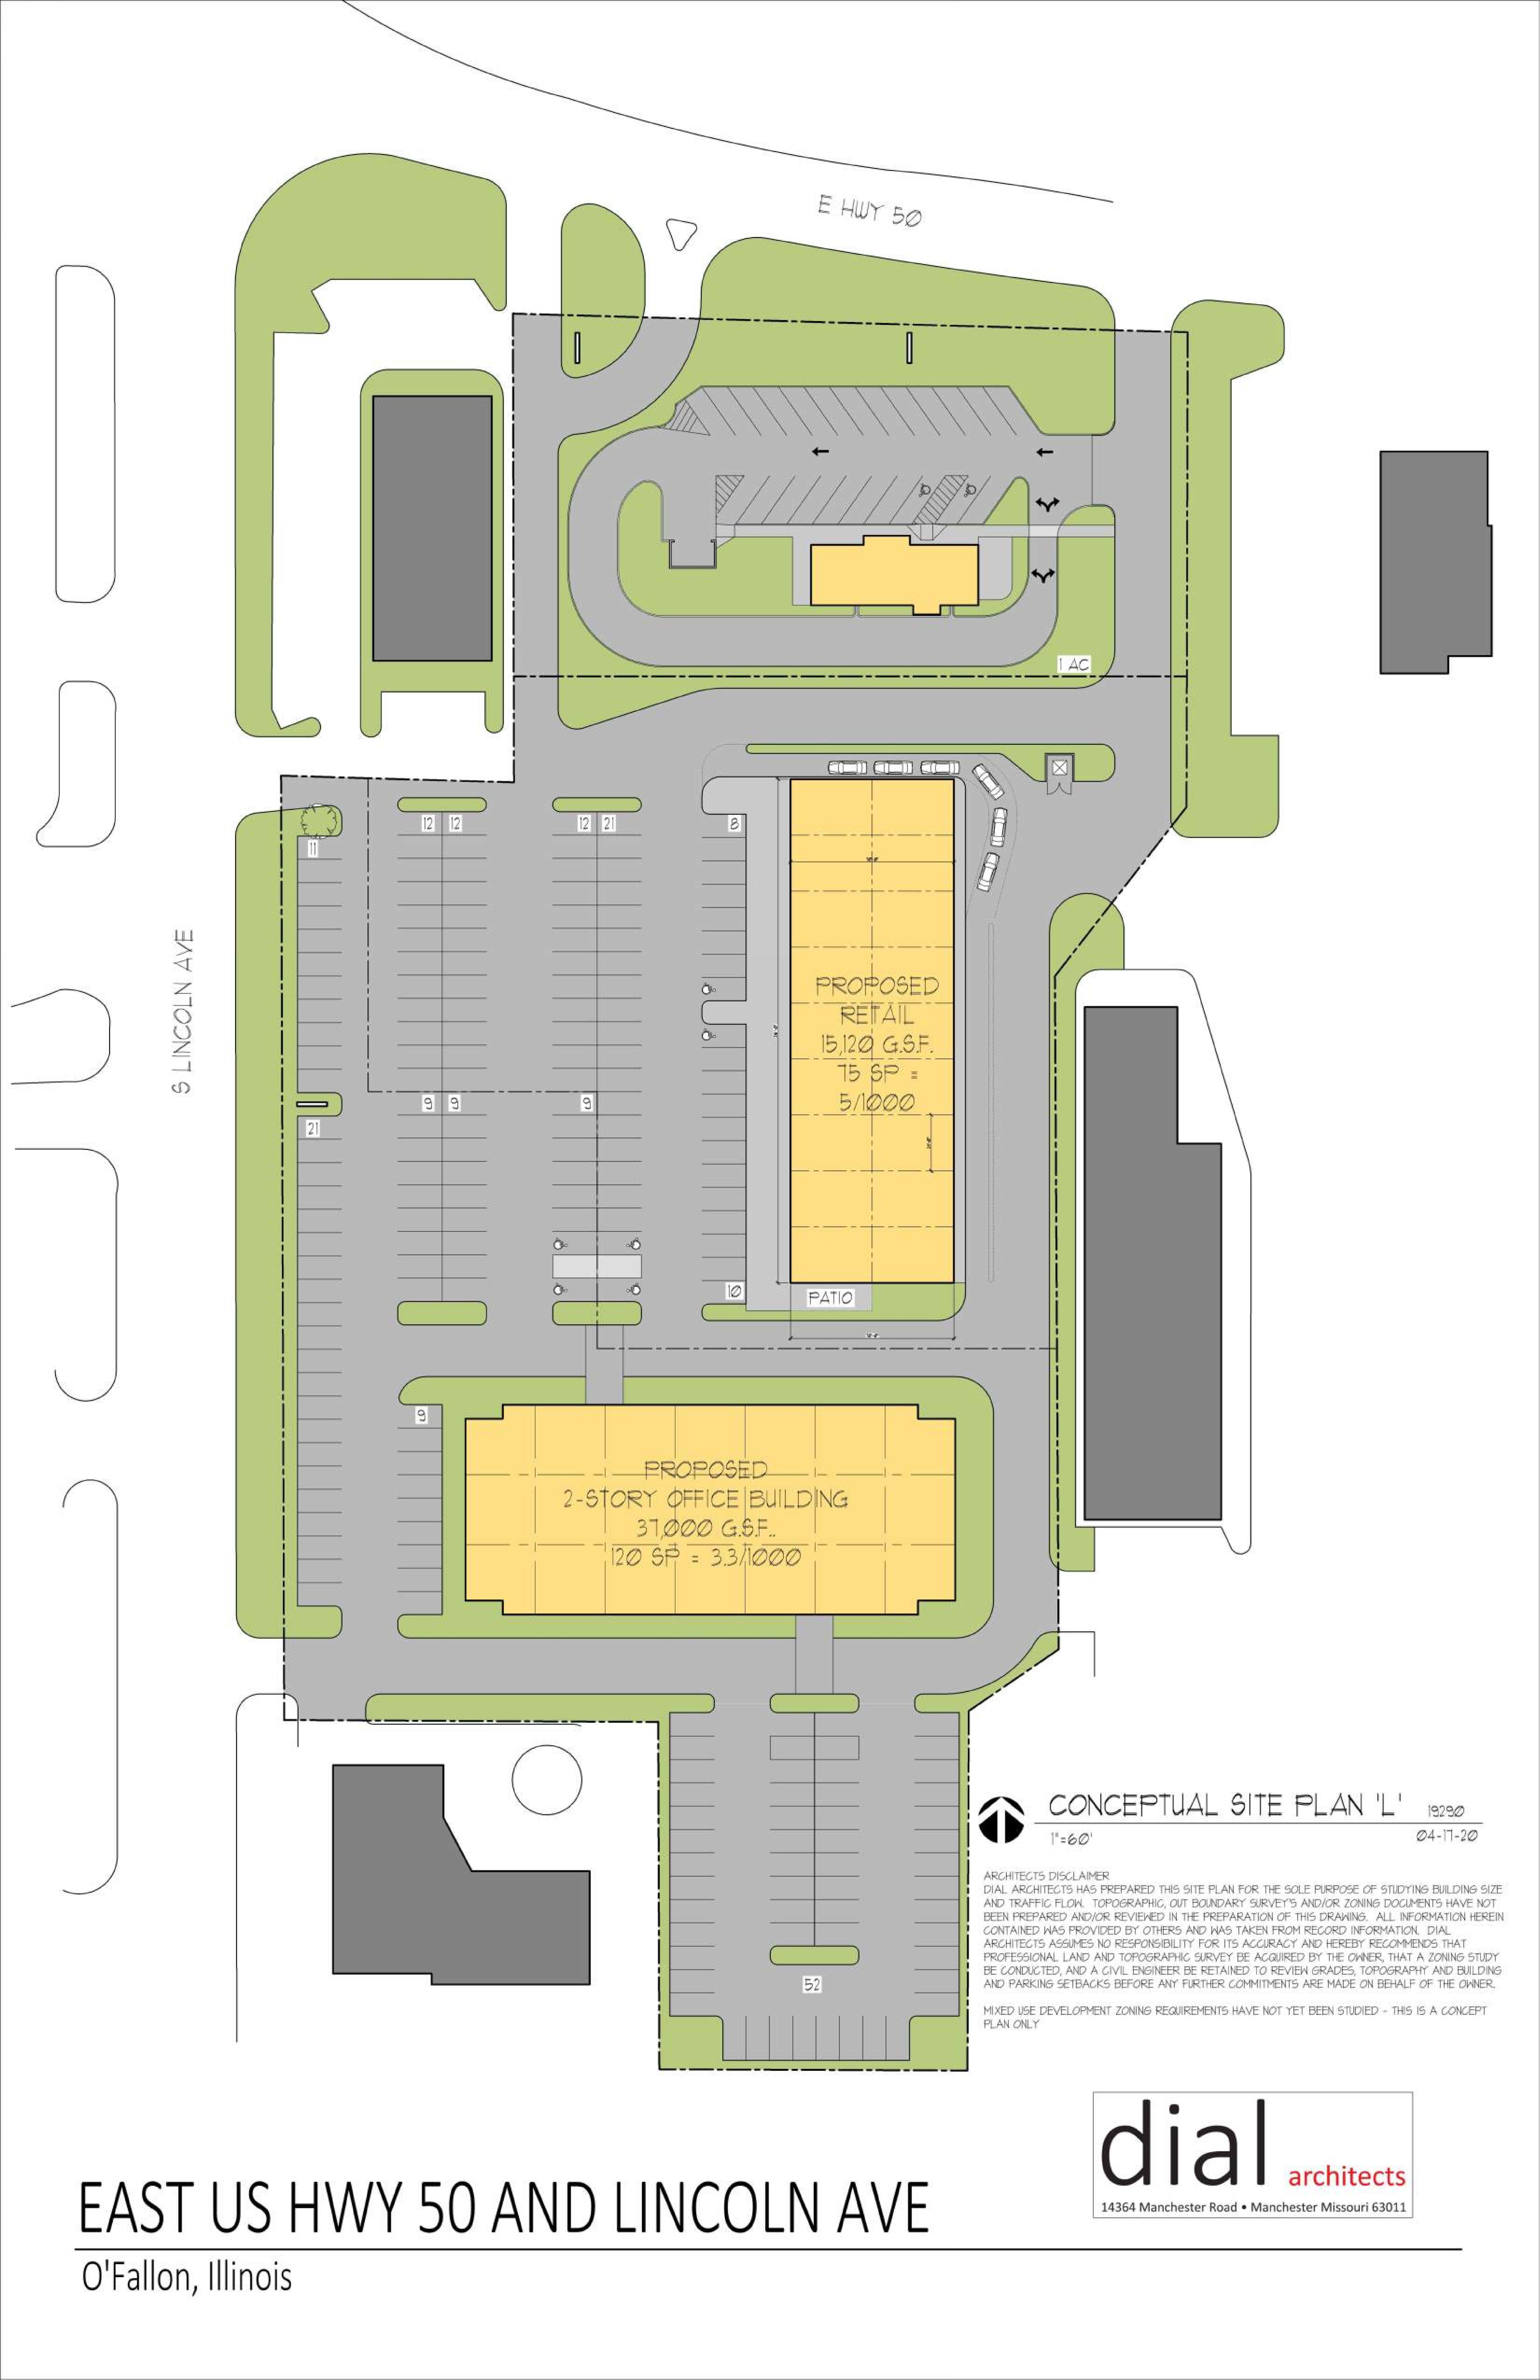 Southview Plaza: site plan